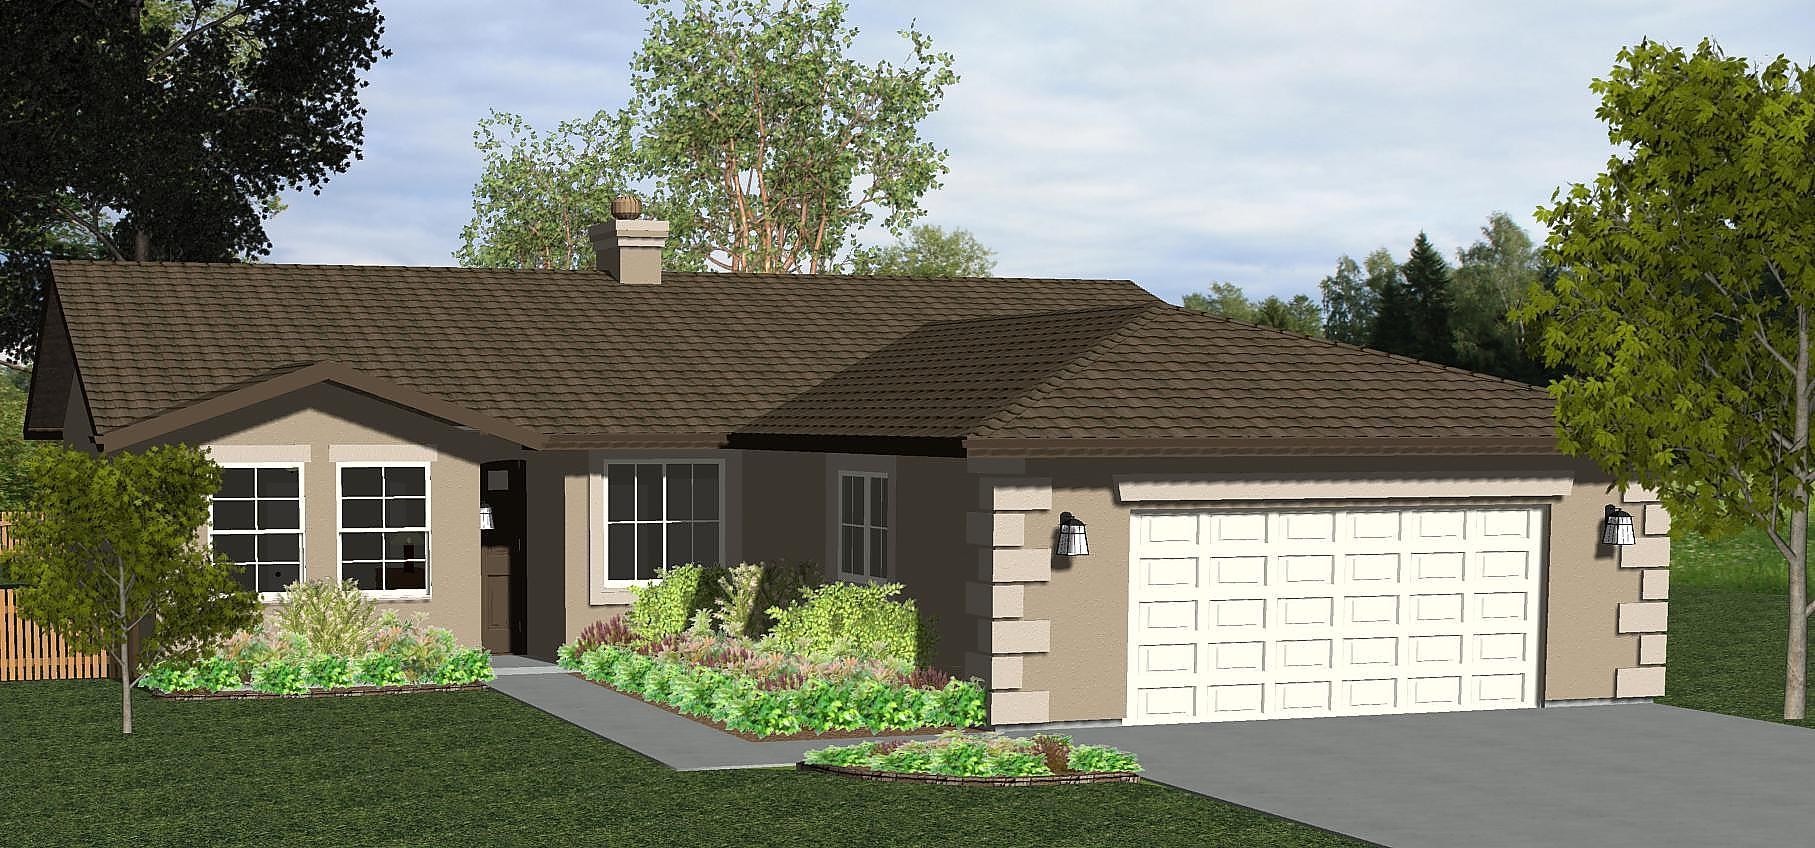 New Homes Poway Ca Green